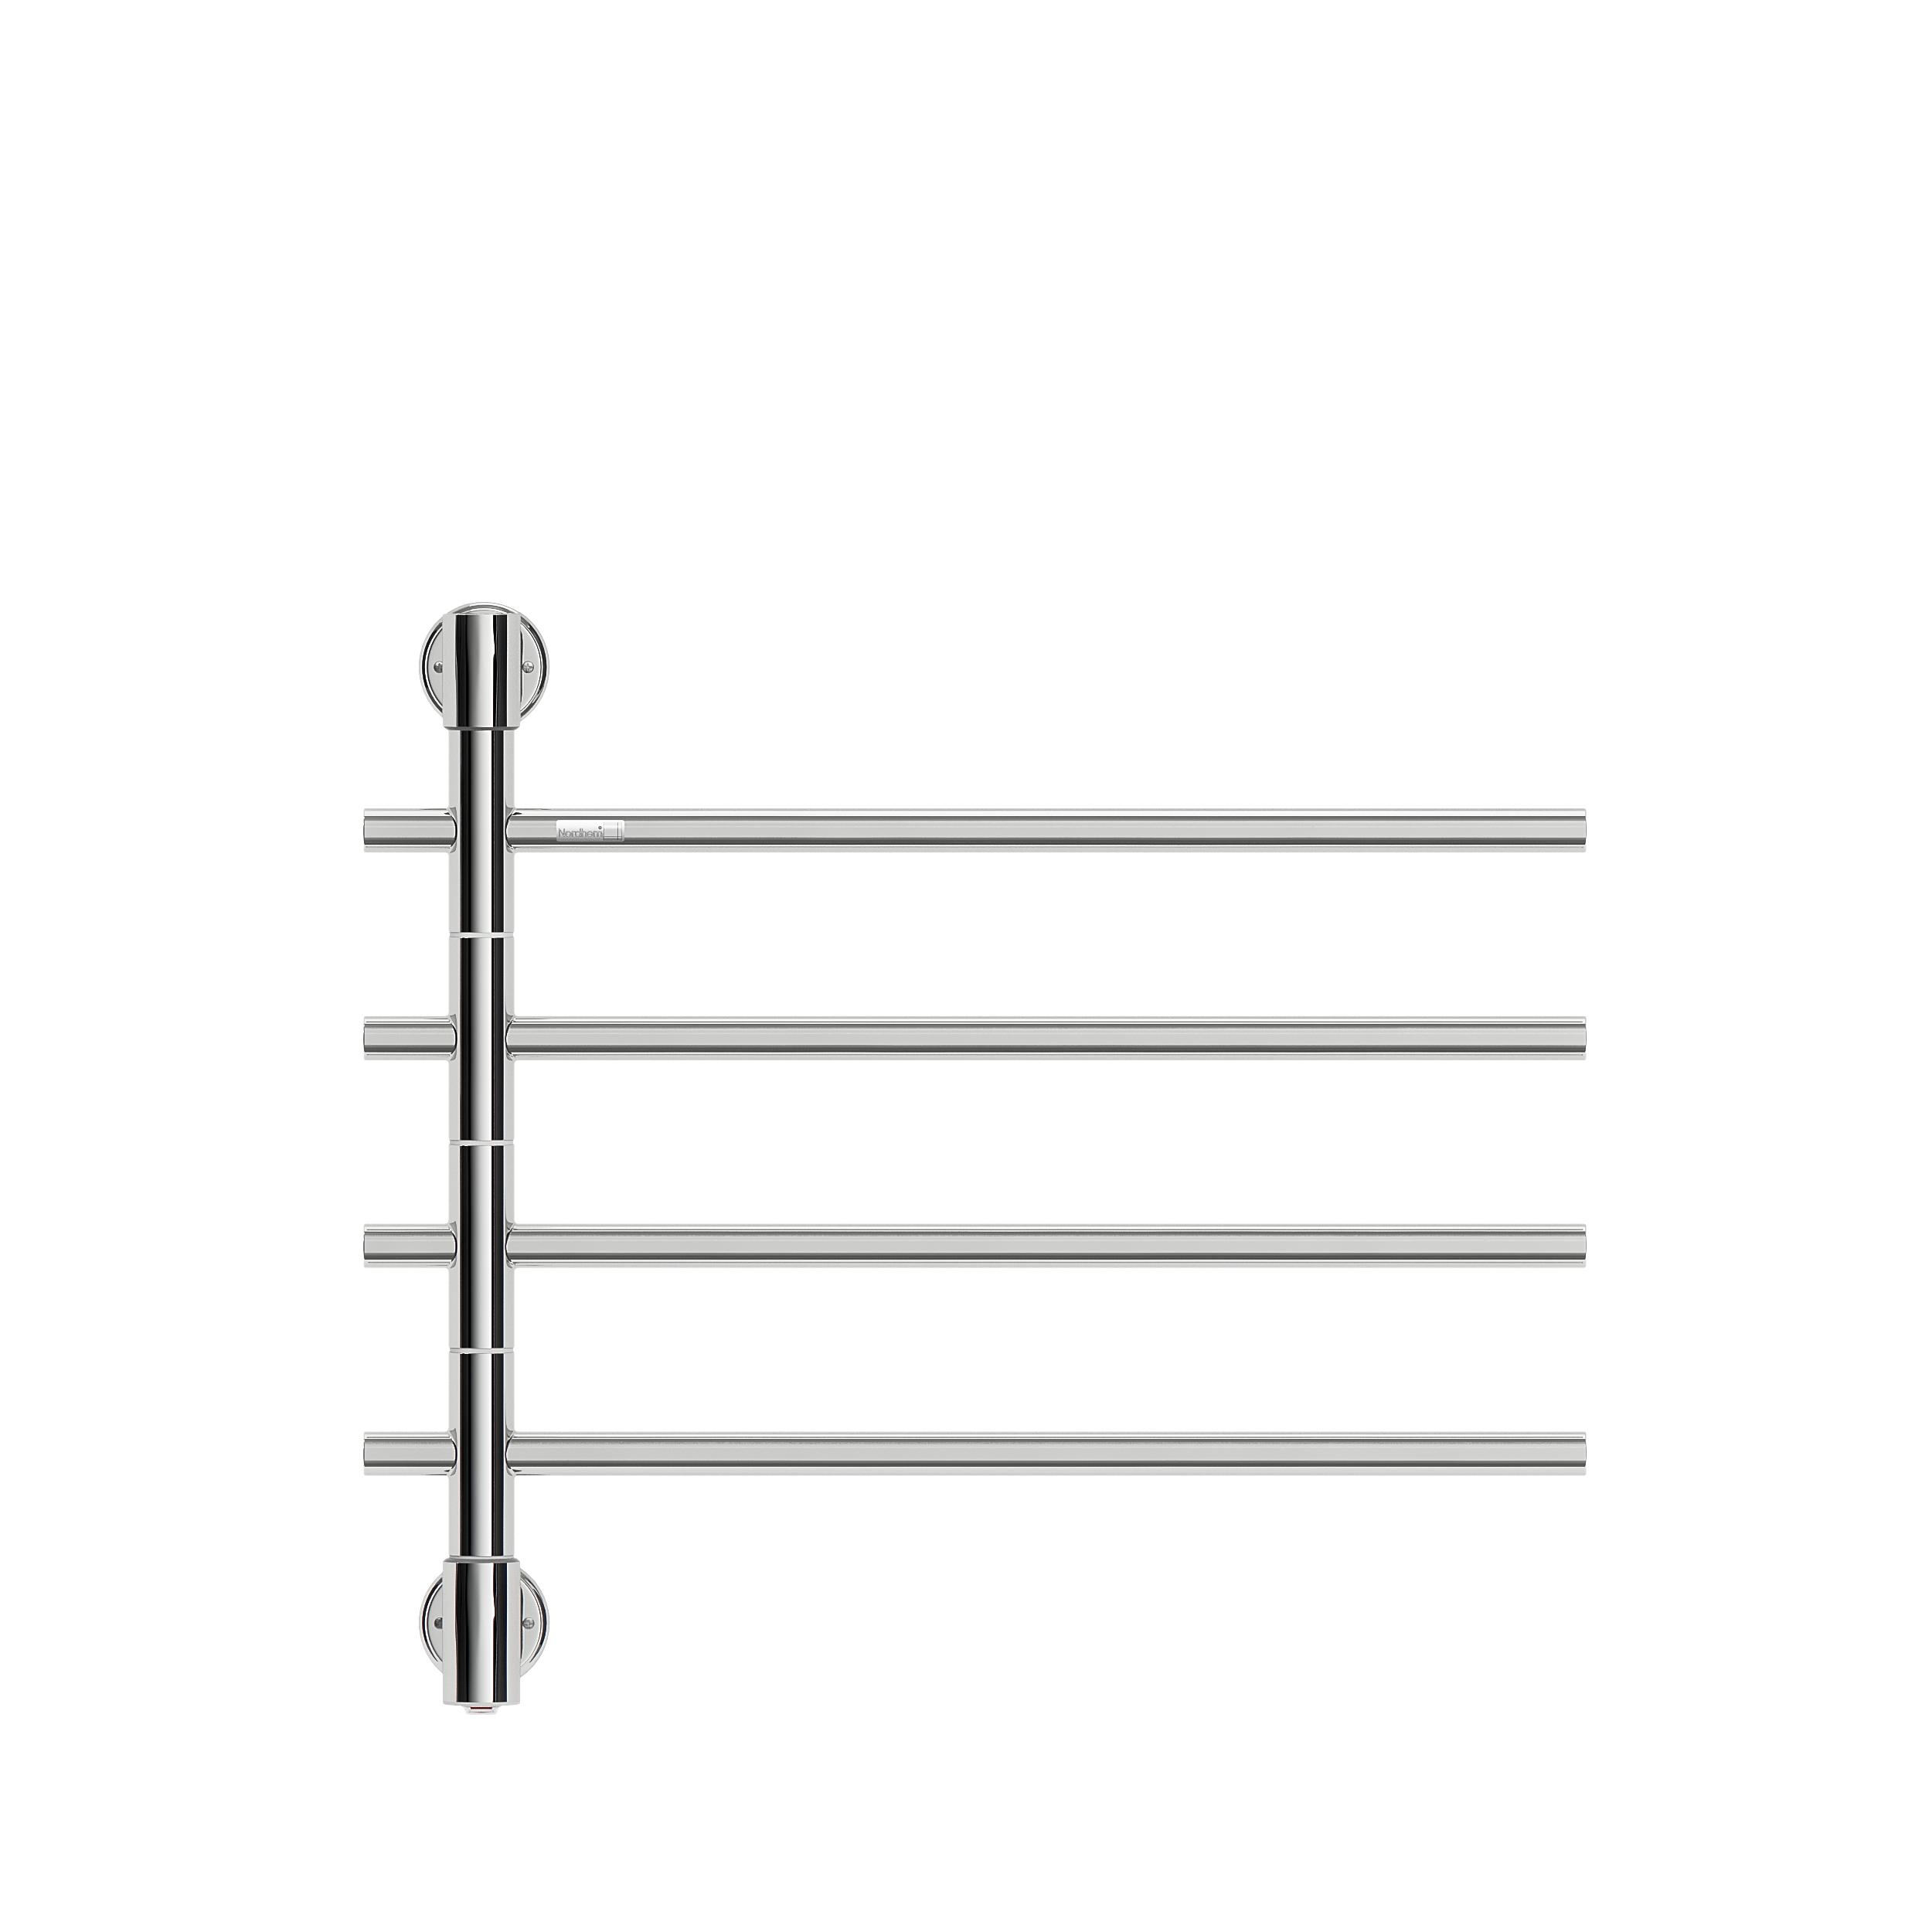 Nordhem handdukstork Fiskebäck rostfri el 595x540 4 armar